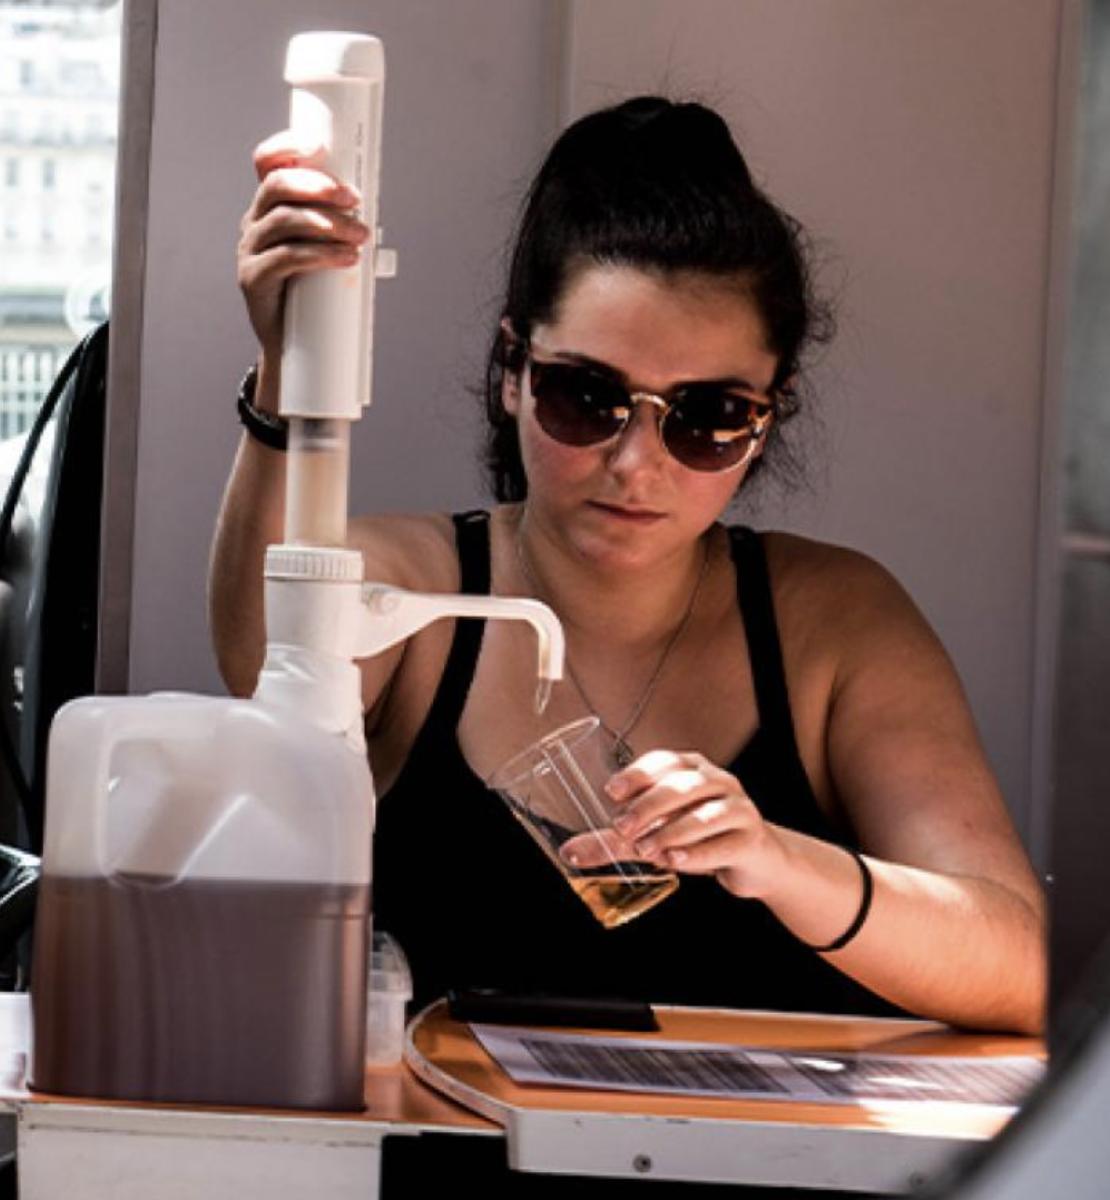 Una mujer con gafas oscuras de sol está sentada en una mesa vertiendo un líquido amarillo-marrón en una taza.